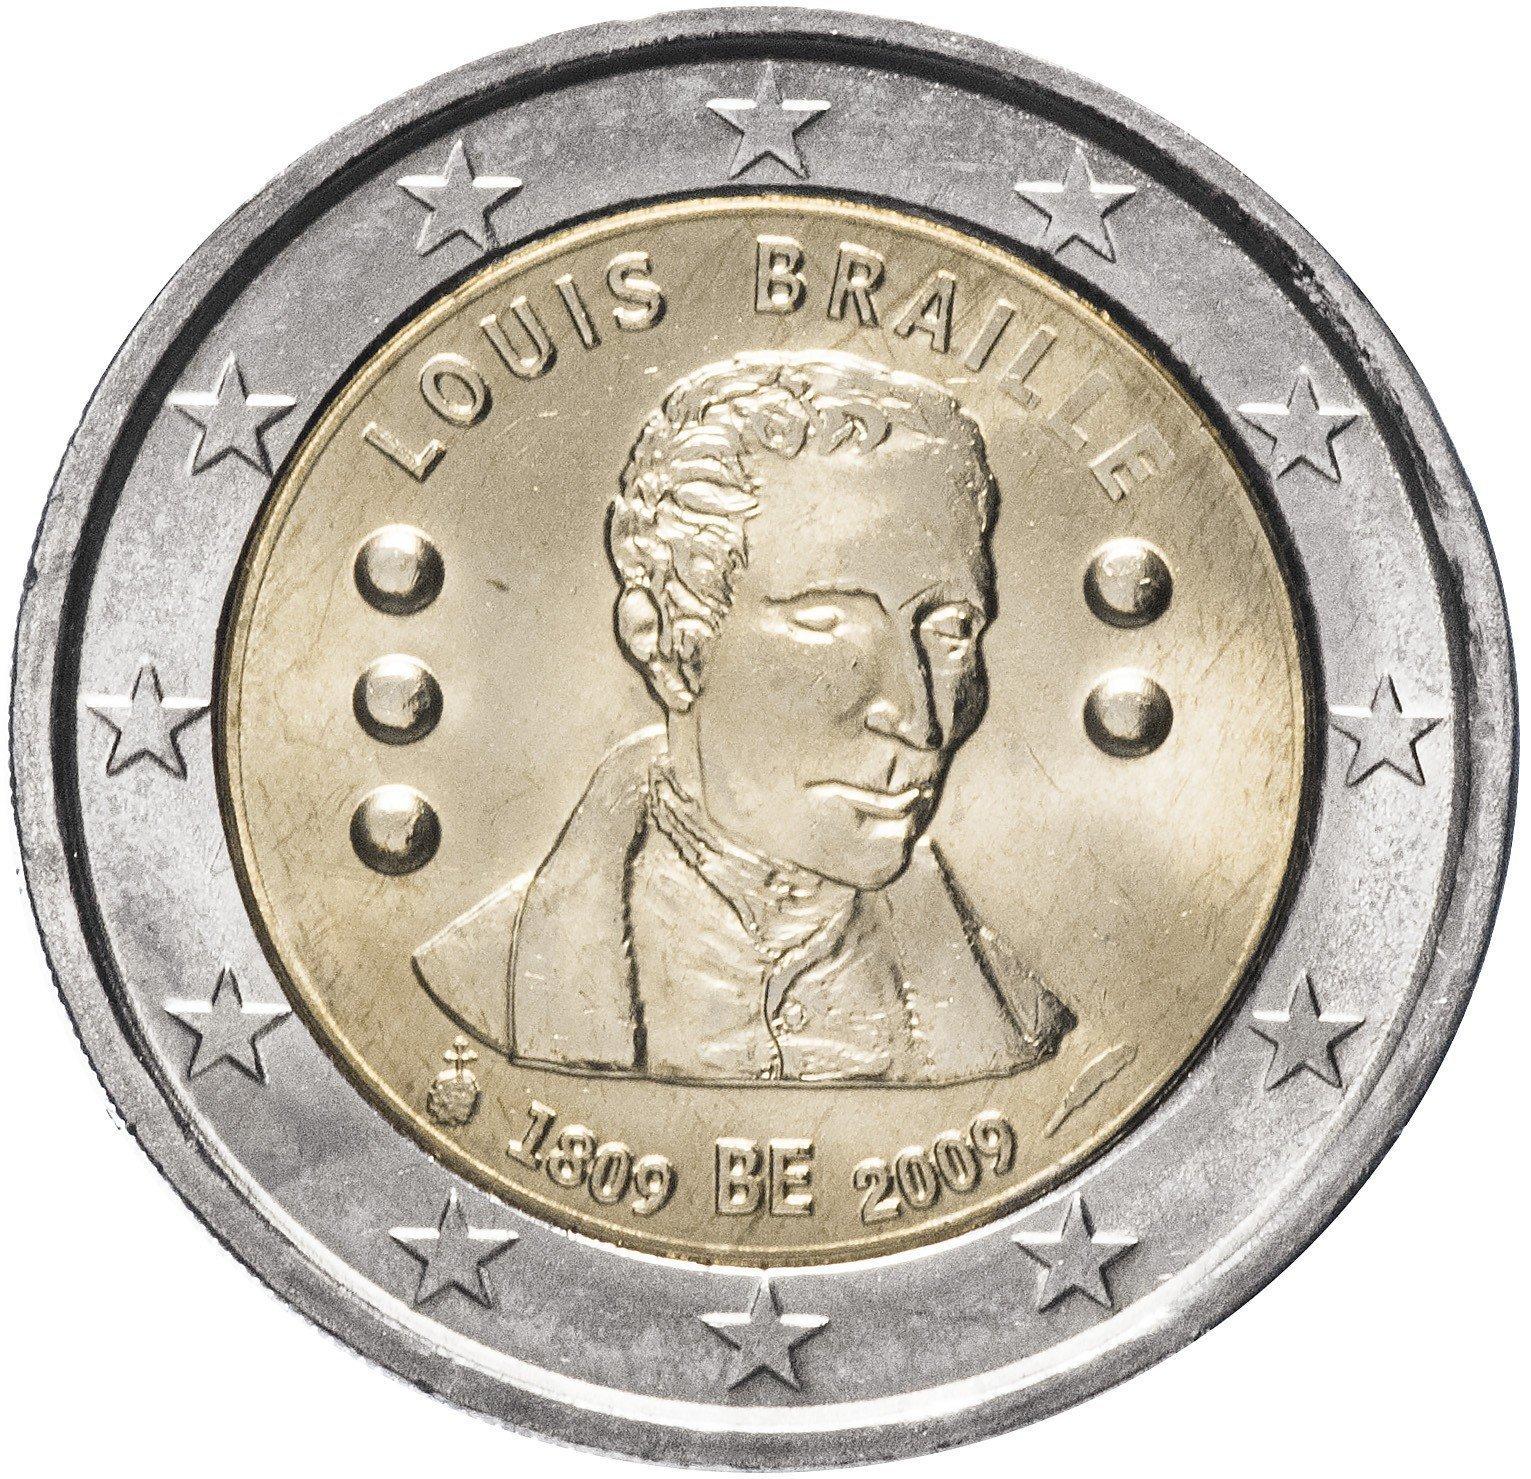 2 евро 200 лет со дня рождения Луи Брайля 2009 год, Бельгия. UNC